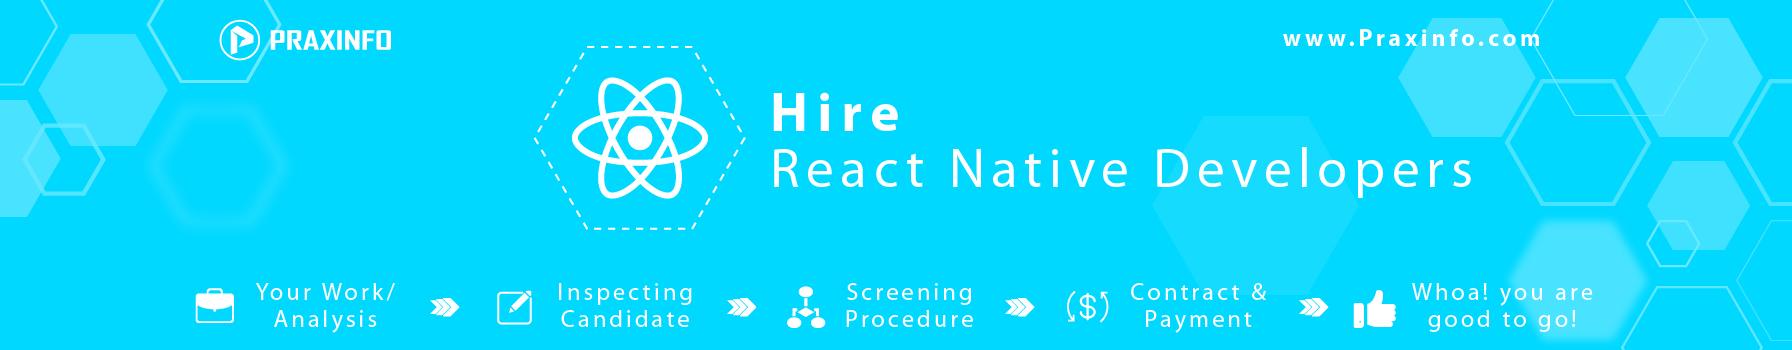 PRAXINFO-hire-react-native-development.jpg